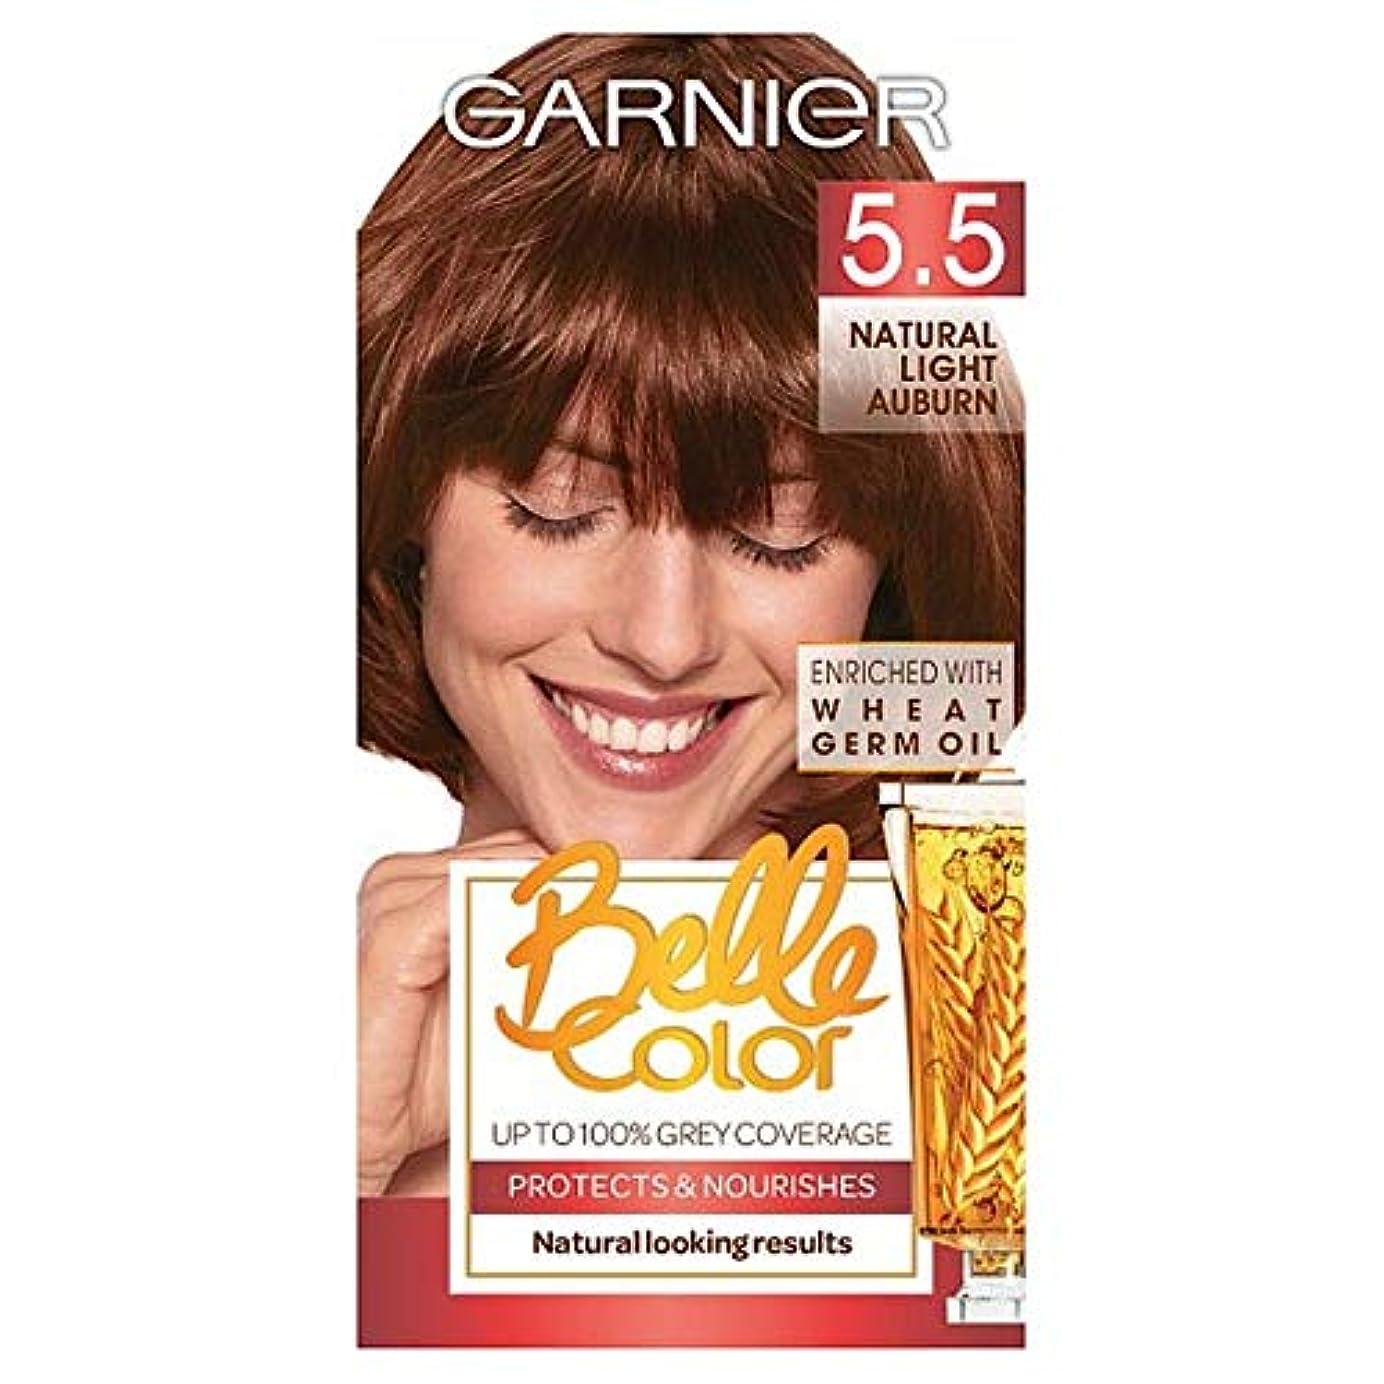 藤色忠実にアブセイ[Belle Color] ガーン/ベル/Clr 5.5自然光赤褐色パーマネントヘアダイ - Garn/Bel/Clr 5.5 Natural Light Auburn Permanent Hair Dye [並行輸入品]